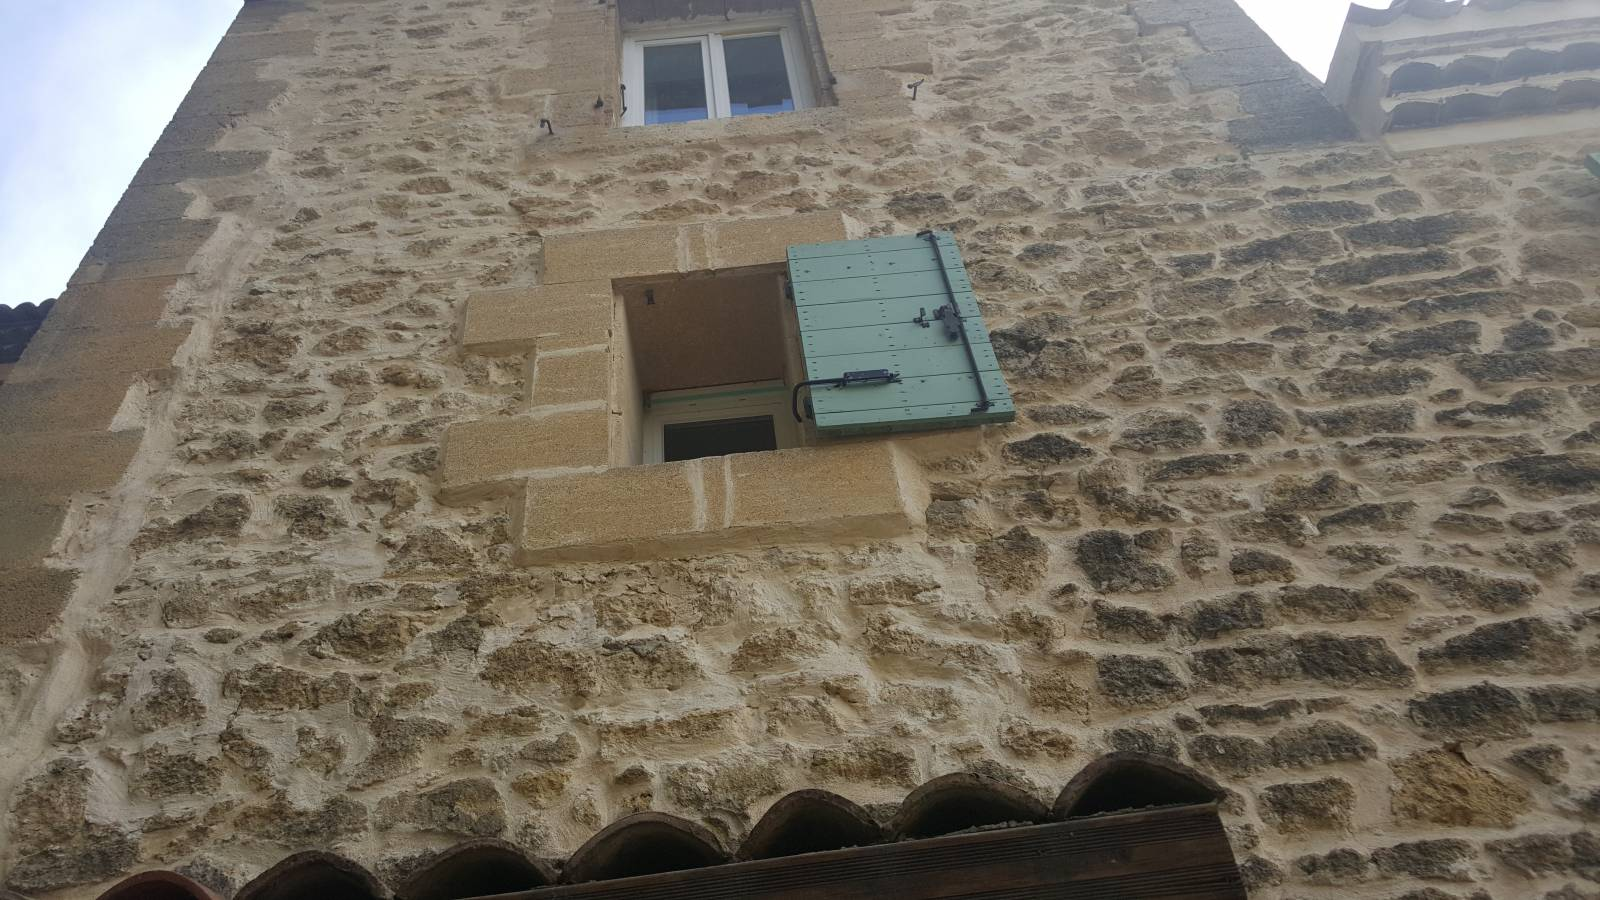 am nagement ext rieur d 39 une maison miramas en pierres de rognes constructeur de b timent. Black Bedroom Furniture Sets. Home Design Ideas